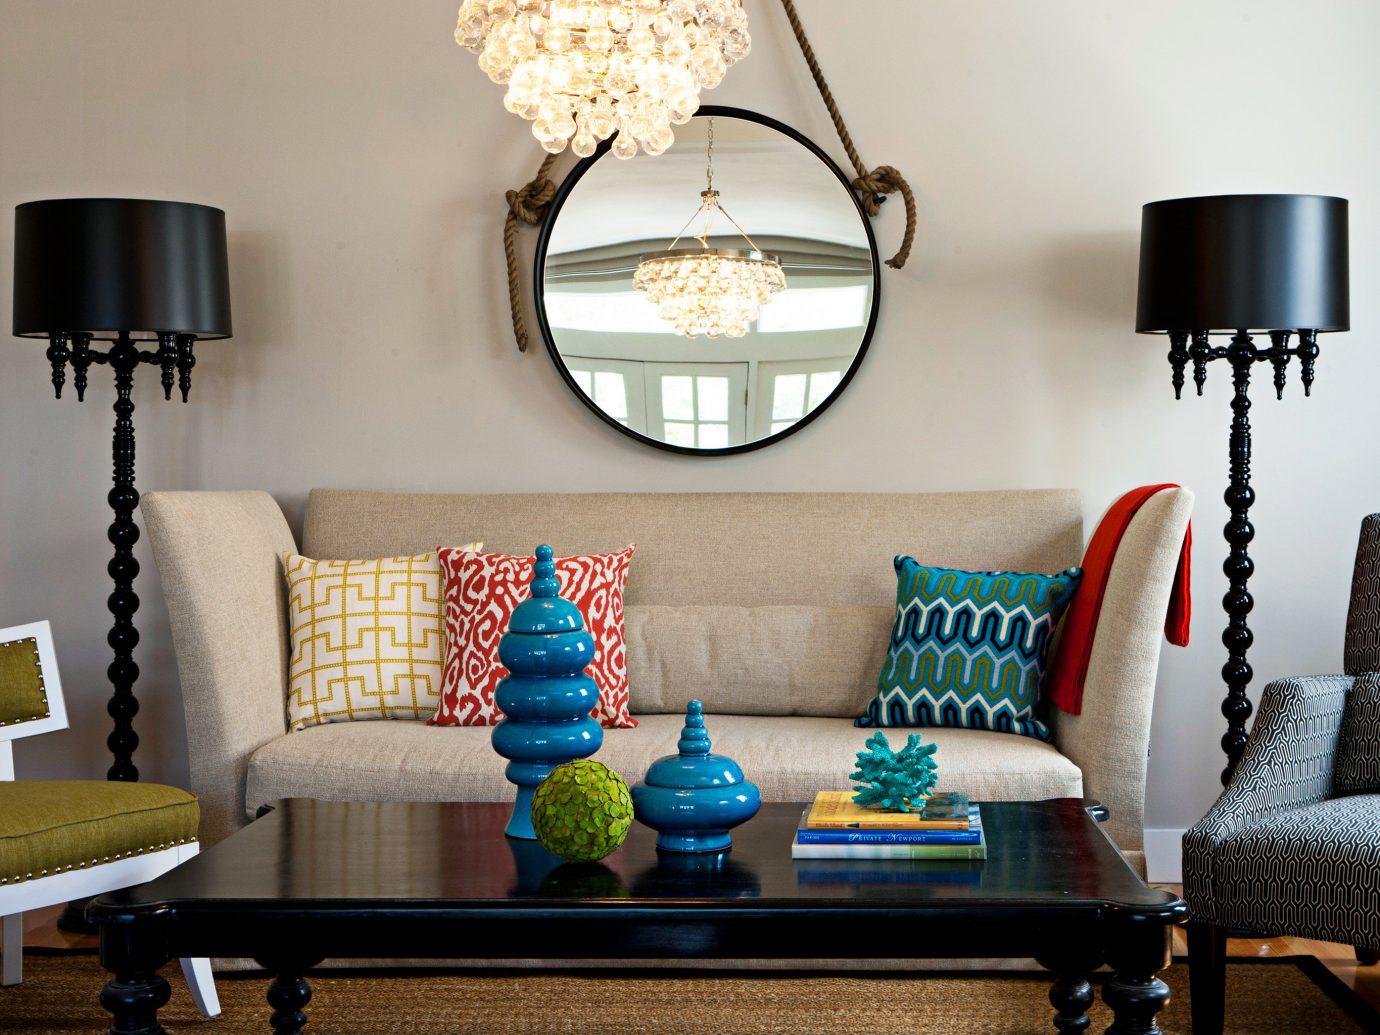 Boutique Hotels Living wall indoor living room room home interior design lighting furniture Design dining room Bedroom cottage lamp